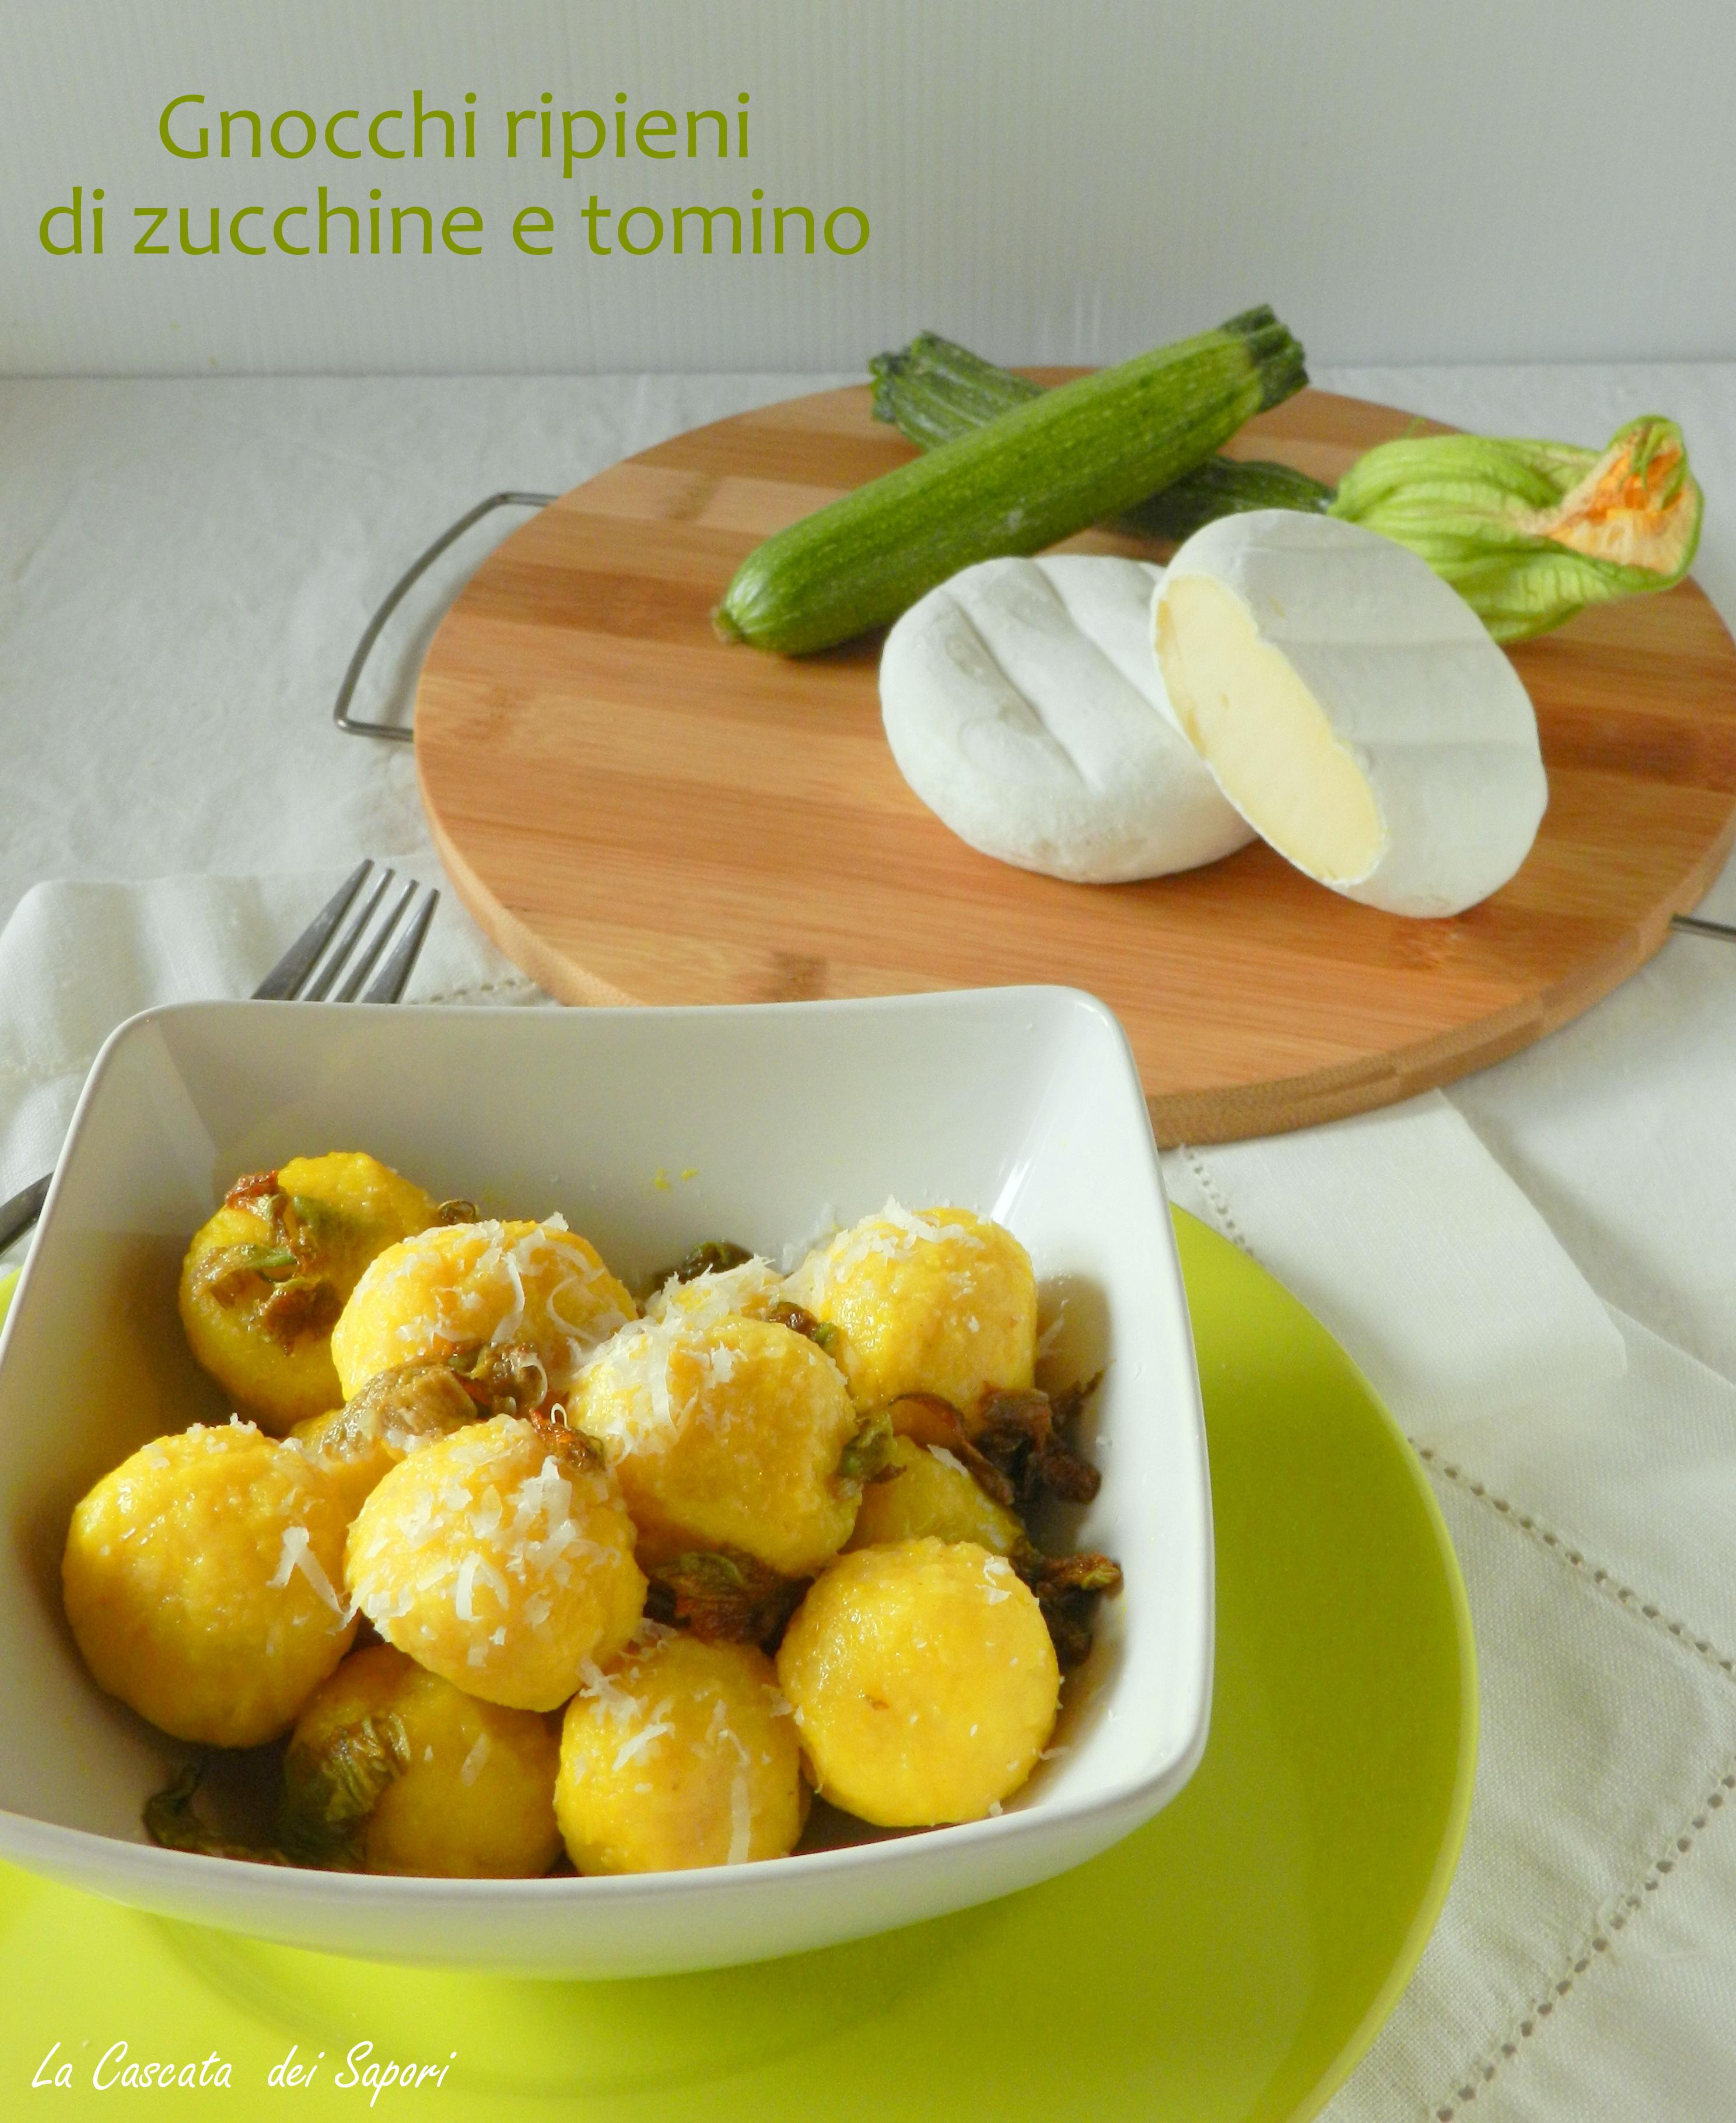 gnocchi ripieni di zucchine e tomino